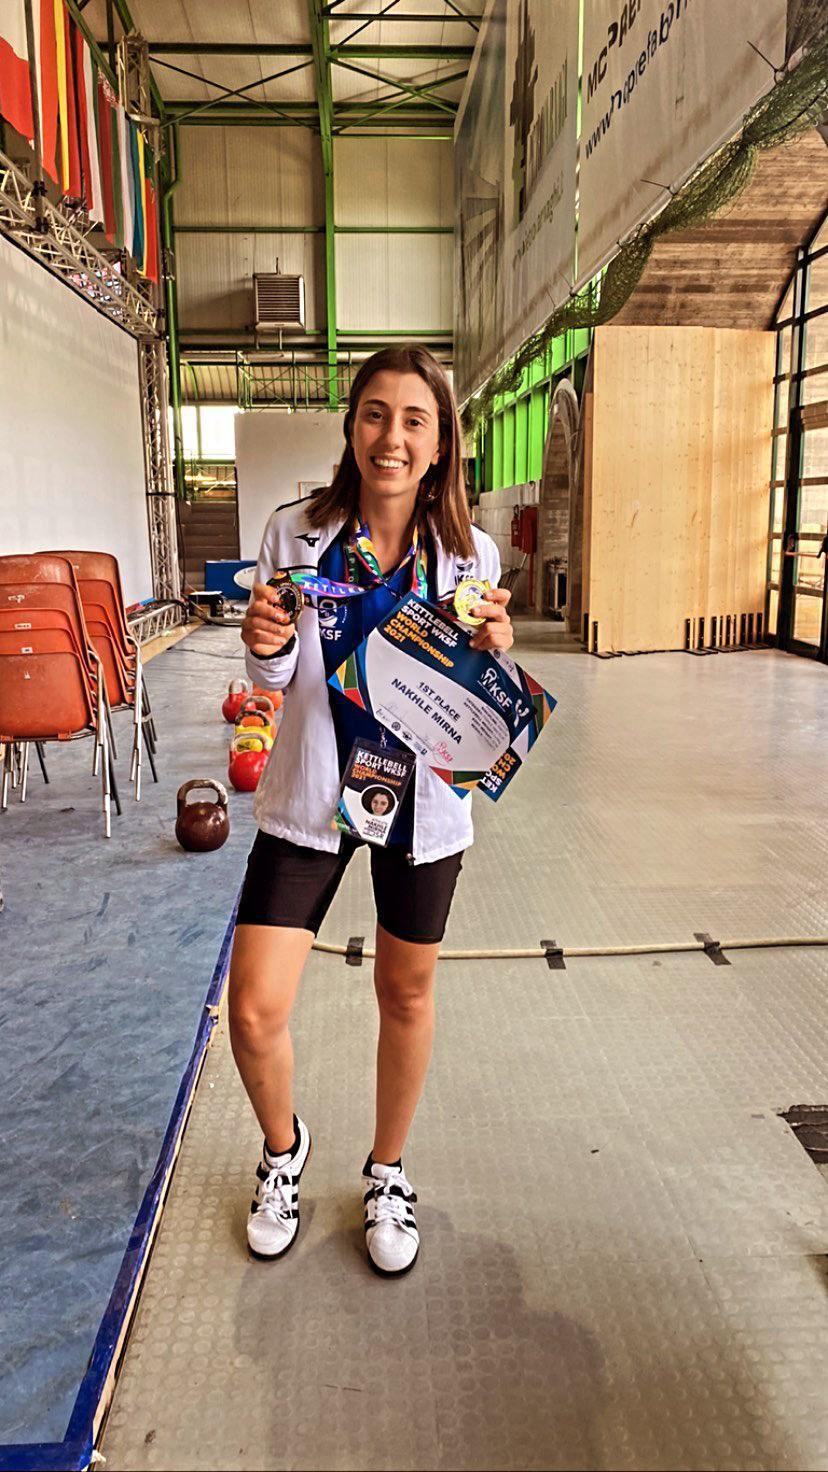 ميرنا نخلة من حيفا تحصد المرتبة الاولى في رفع الاثقال في مسابقة عالمية